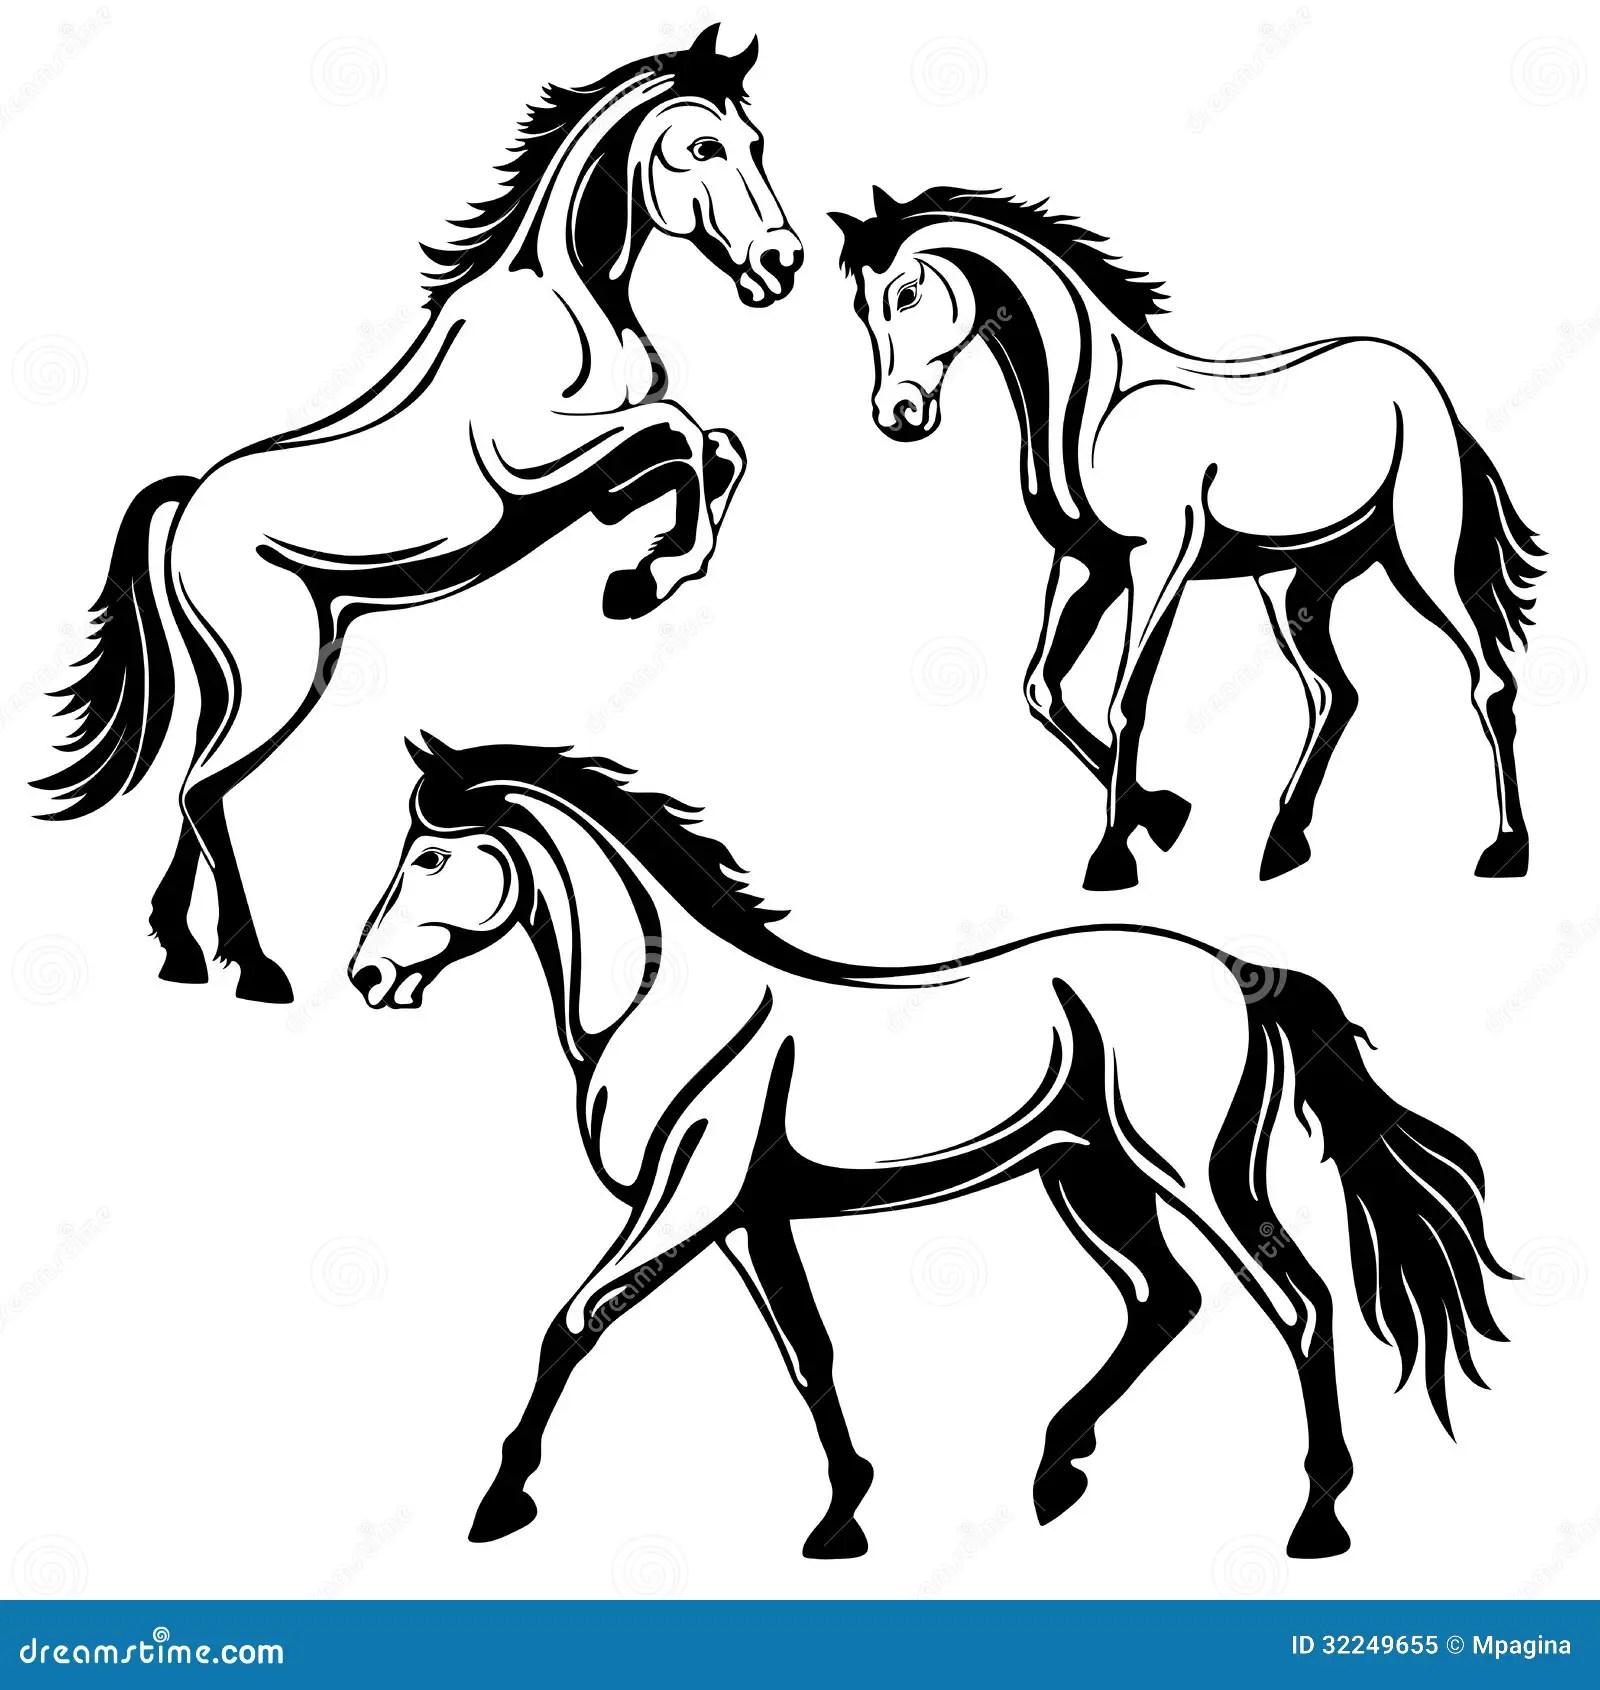 Dream A Horse